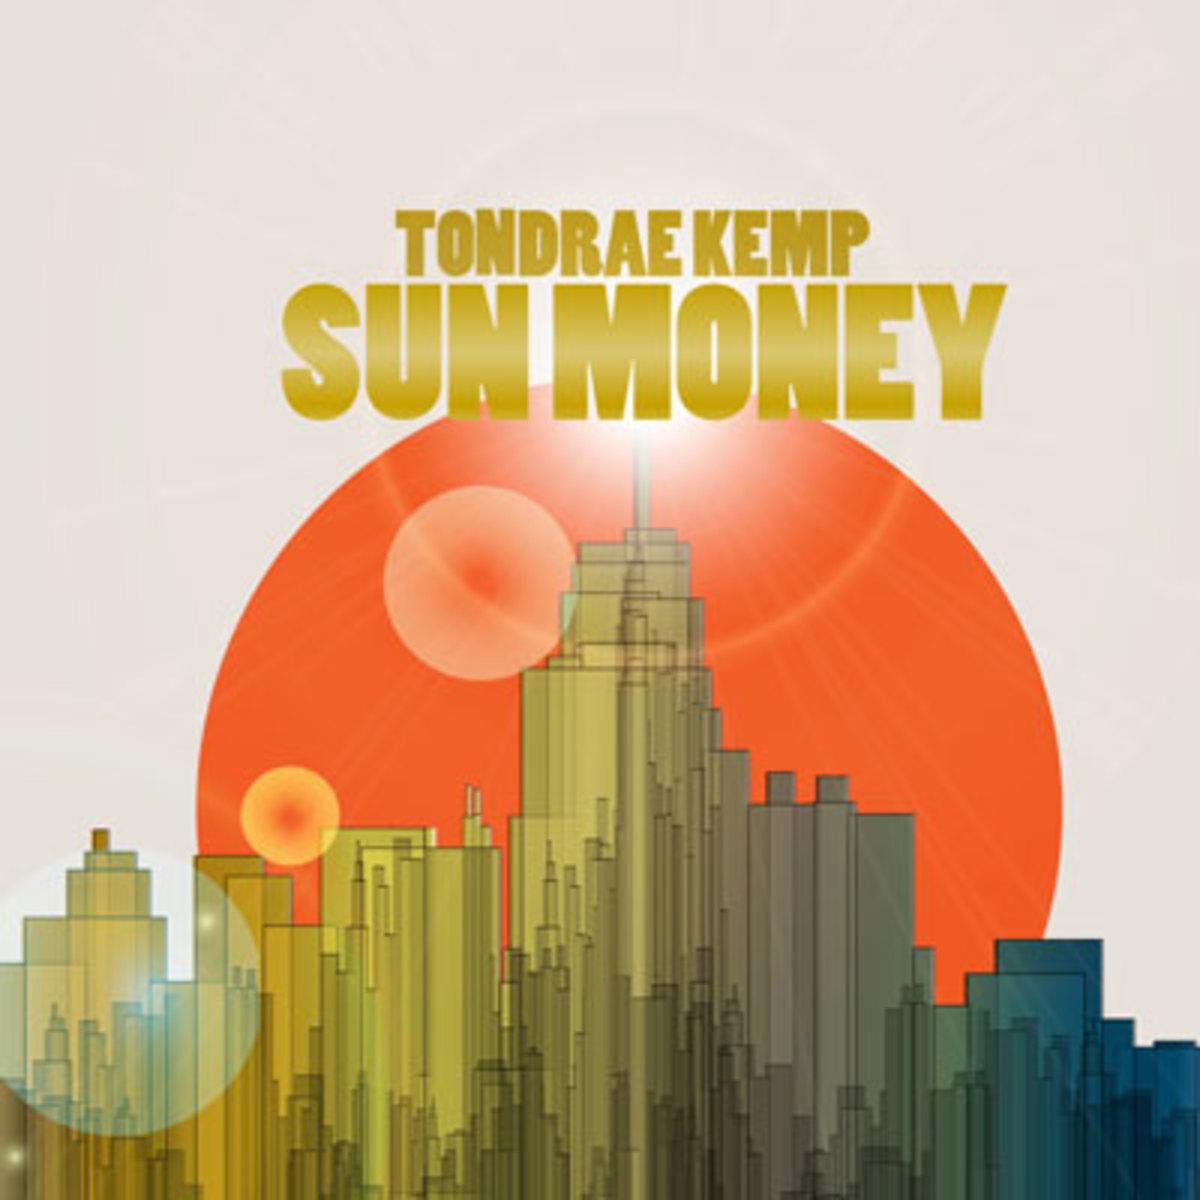 tondraekemp-sunmoney.jpg